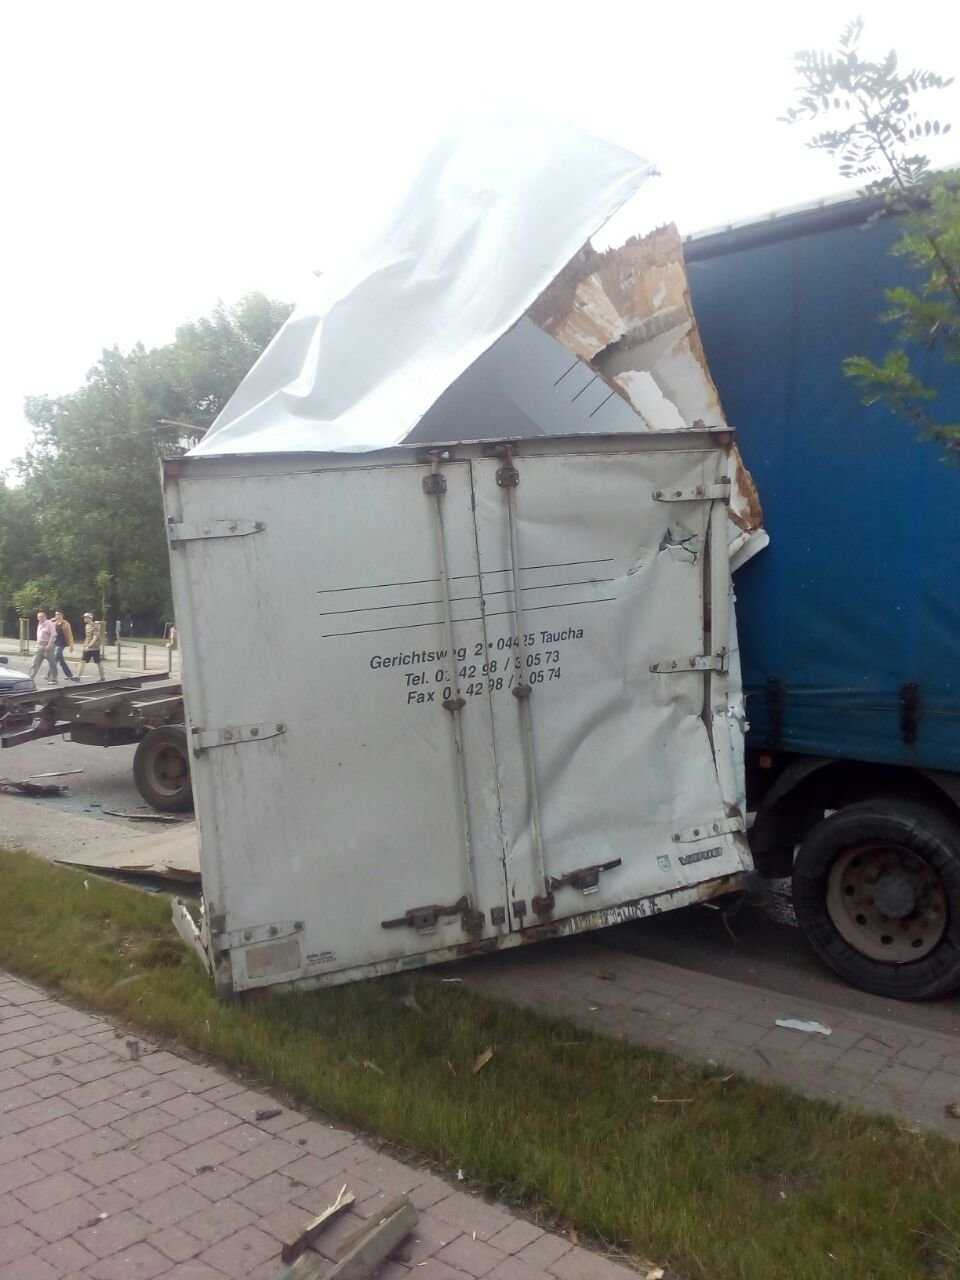 ДТП на Пасічній: у вантажівки відмовили гальма, 4 машини пошкоджено. ФОТО, фото-1